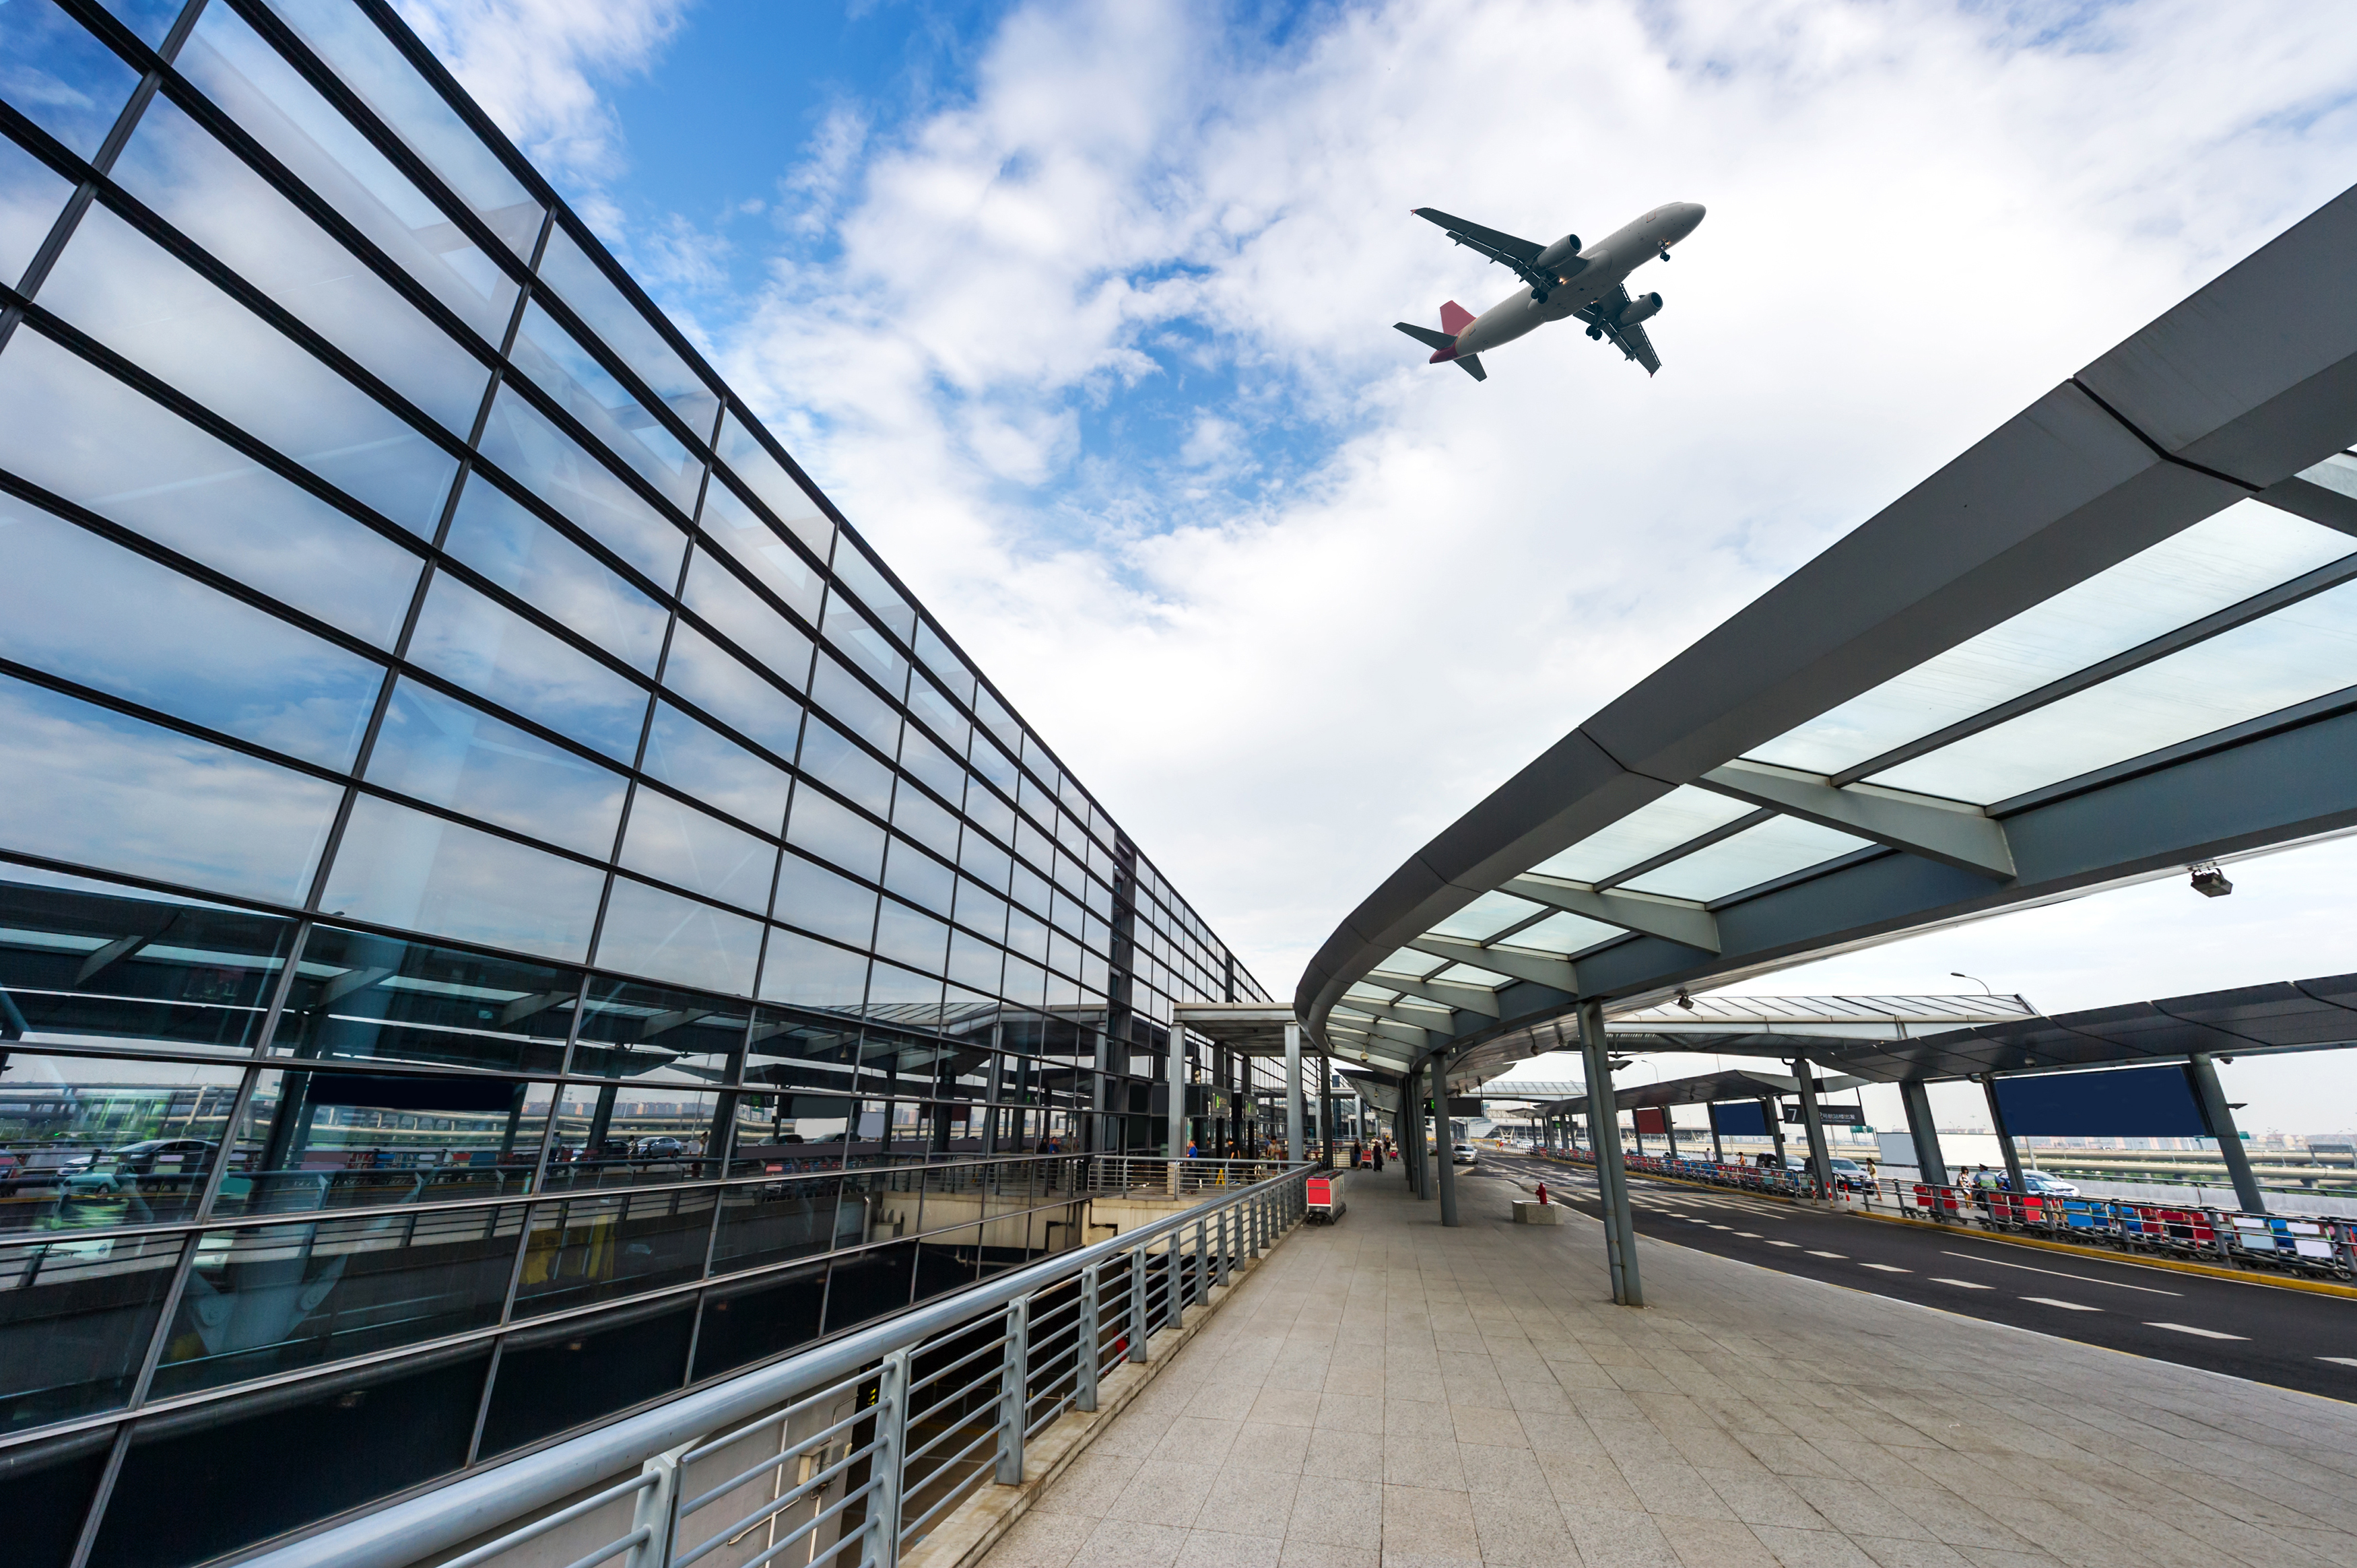 Photo of В Москве станет на один международный аэропорт больше В Москве станет на один международный аэропорт больше В Москве станет на один международный аэропорт больше IMG Transportation 20140605